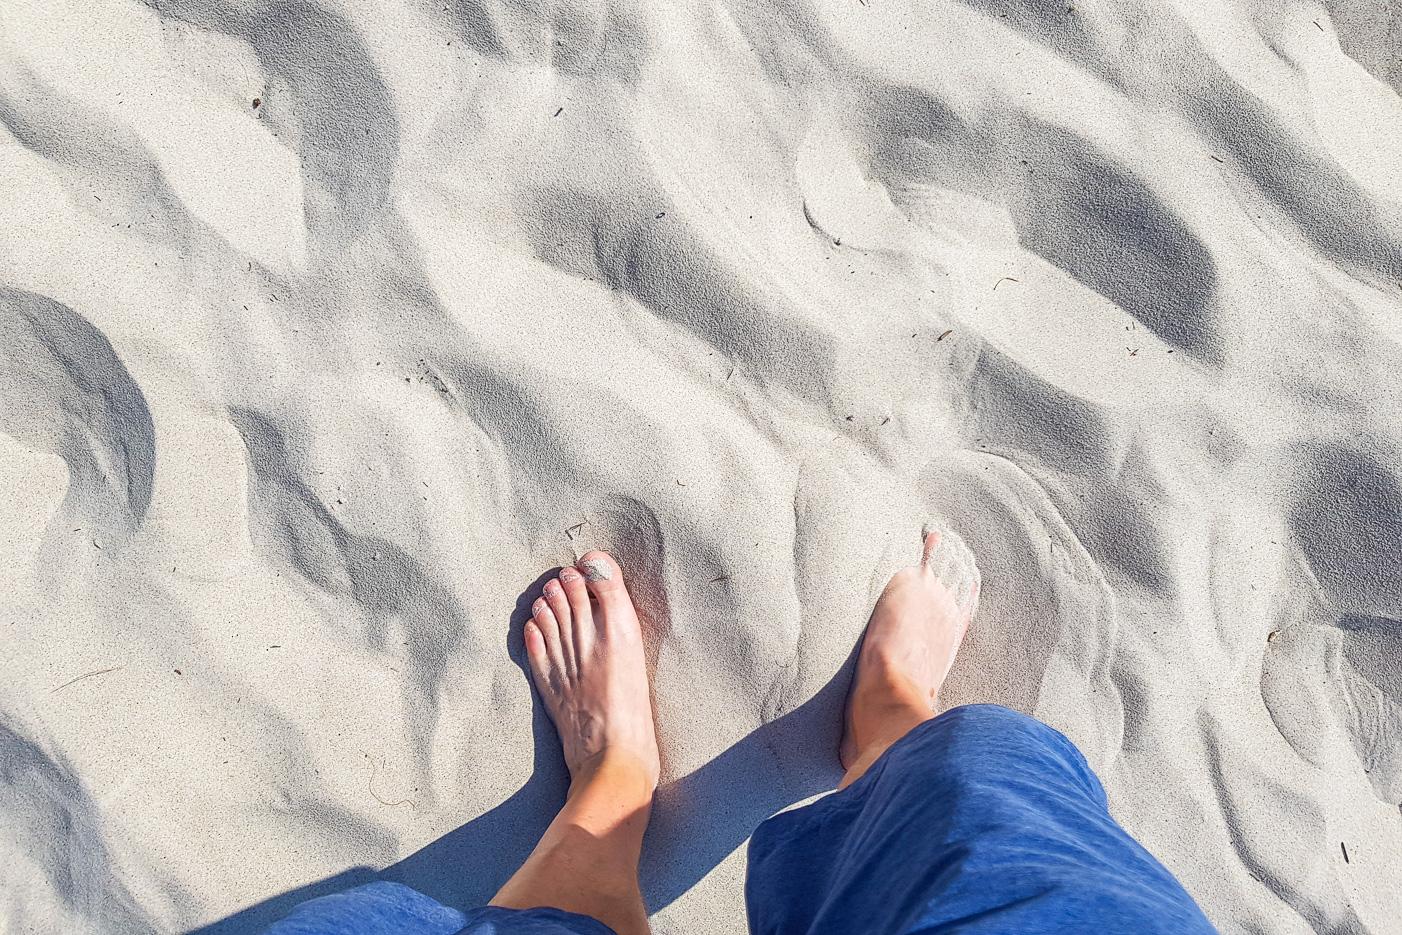 Sandhammaren - perfekt sandstrand